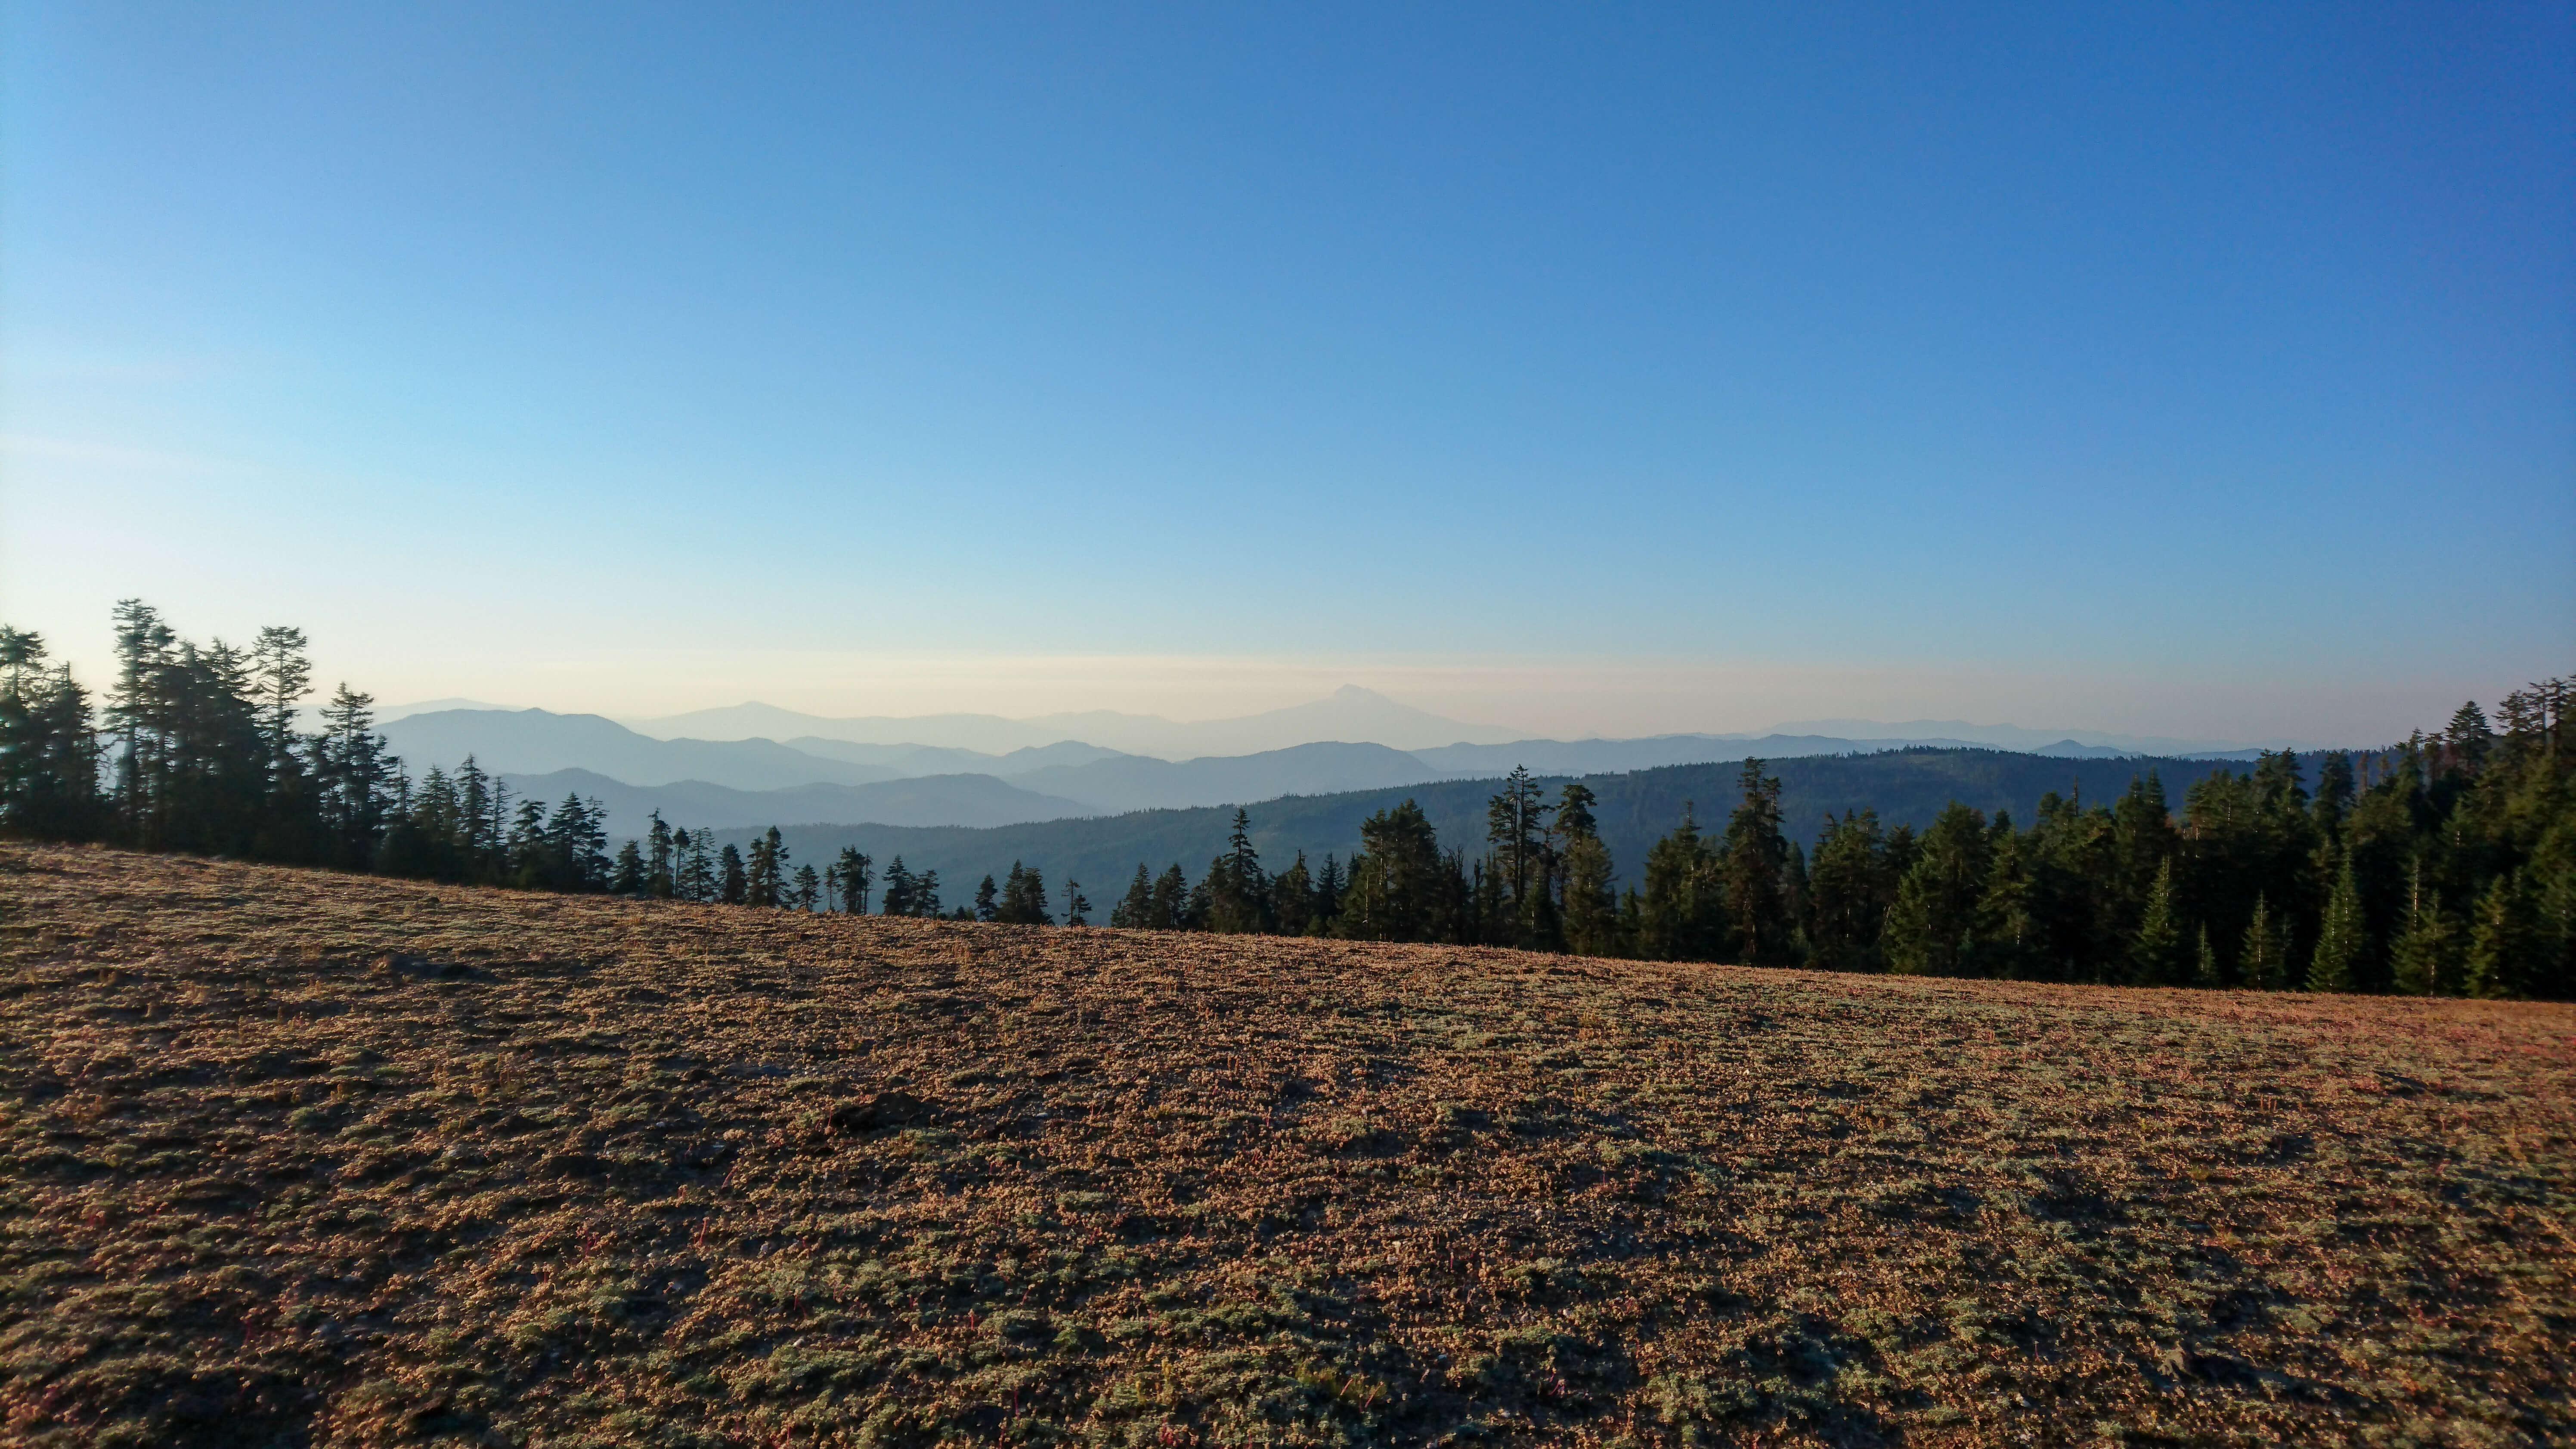 L'ombre du Mont Shasta plane sur les collines